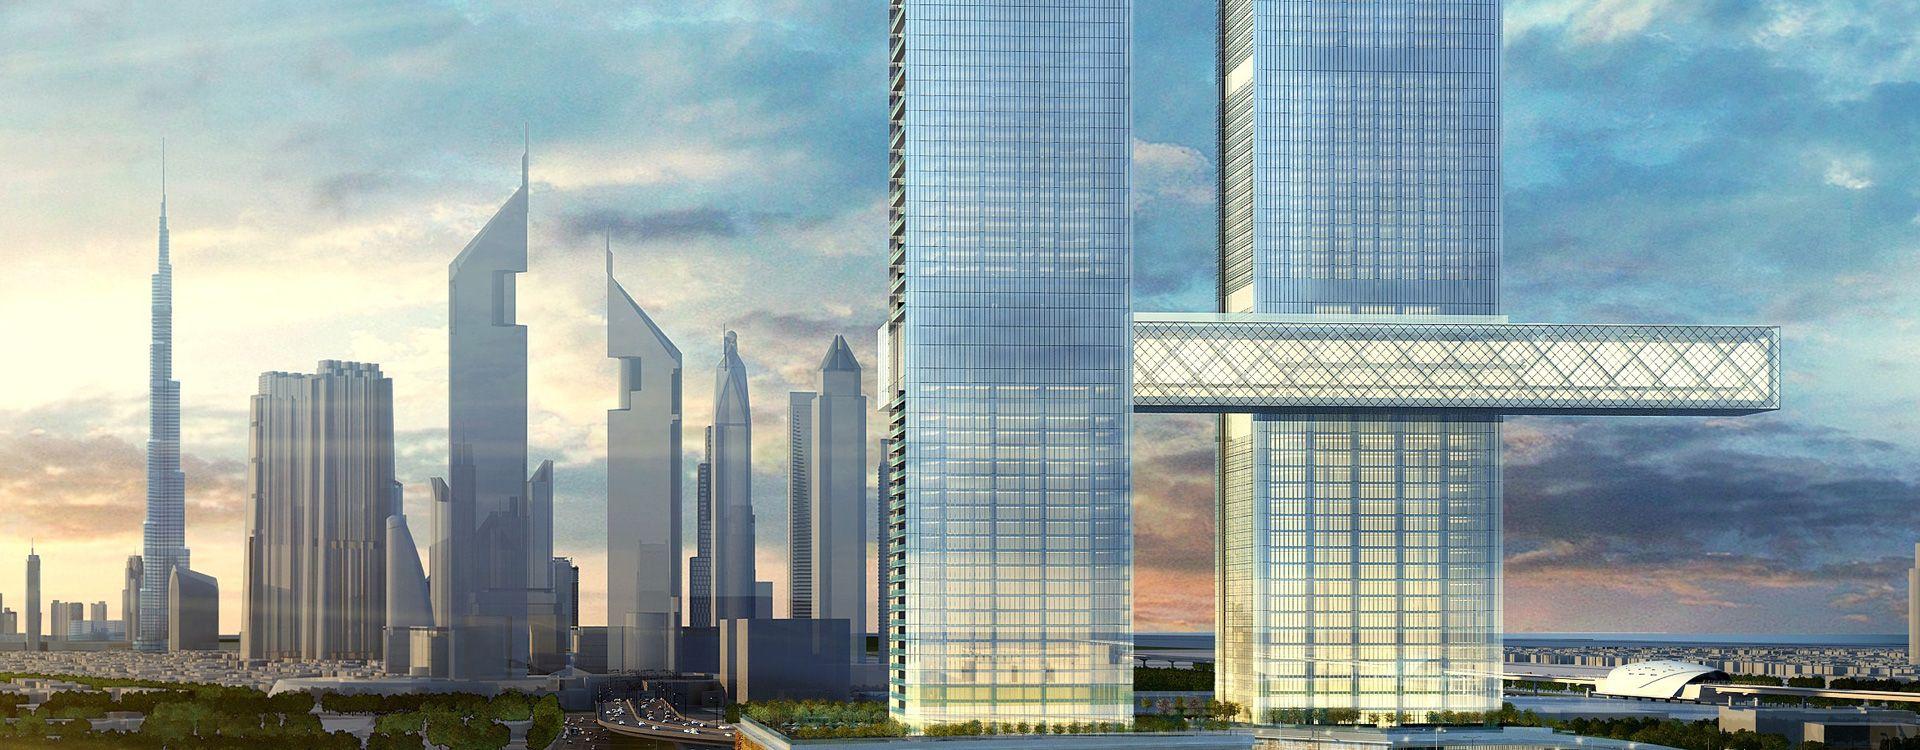 Gico per One Za'Abeel, l'avveniristico progetto di Dubai